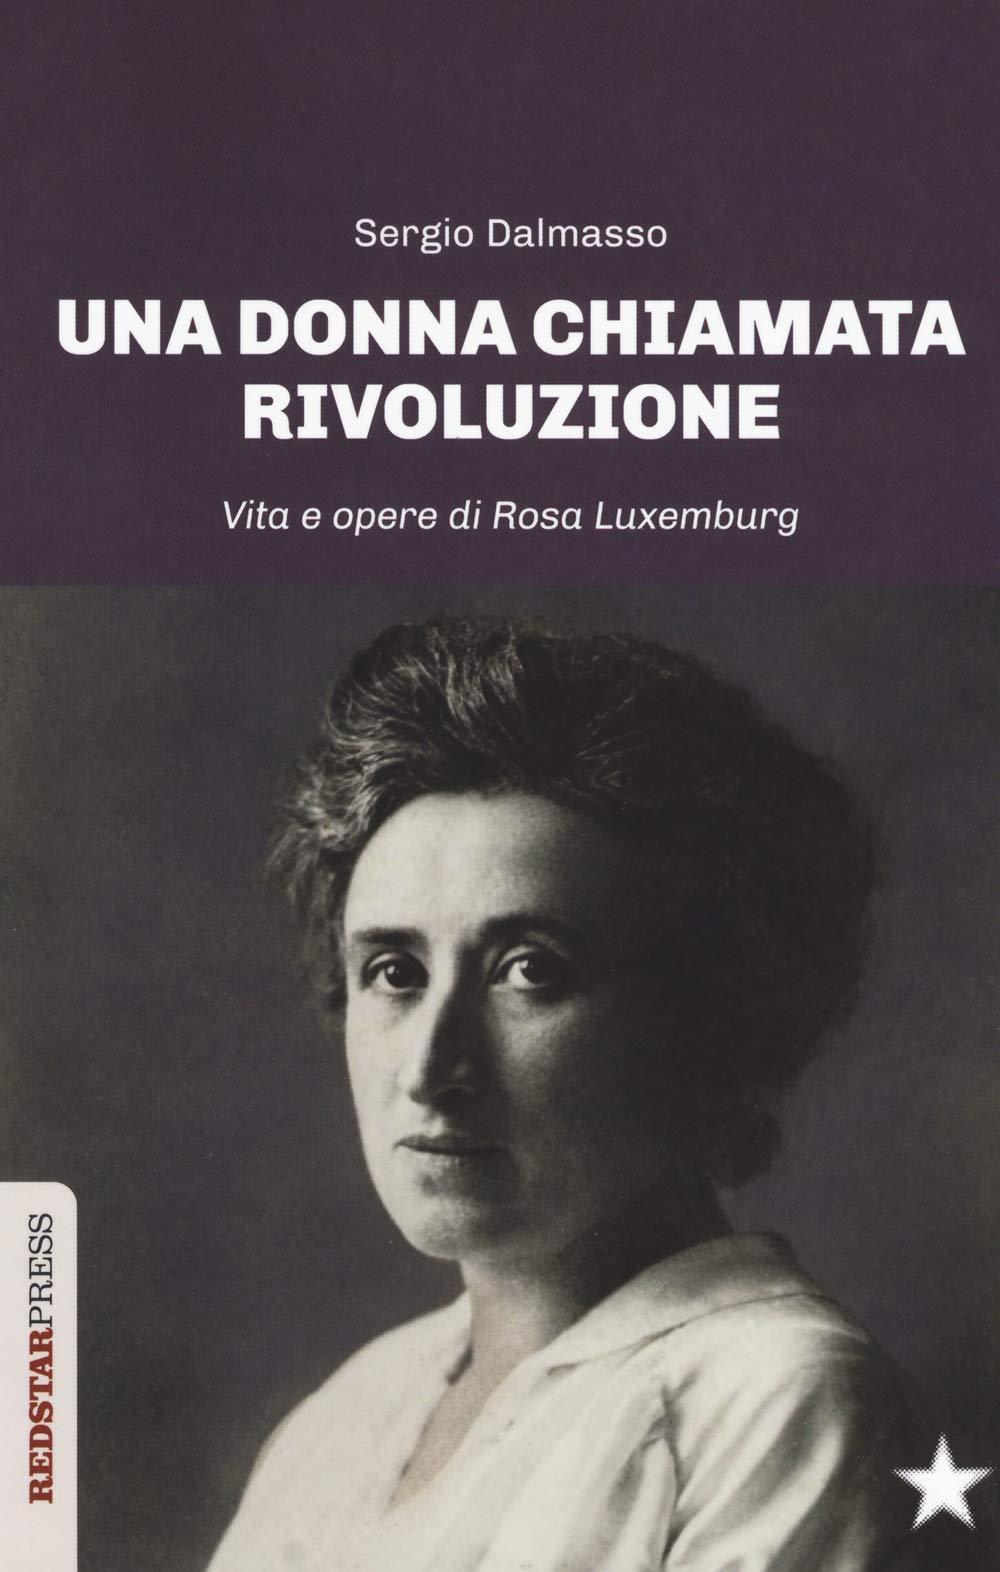 Una donna chiamata rivoluzione